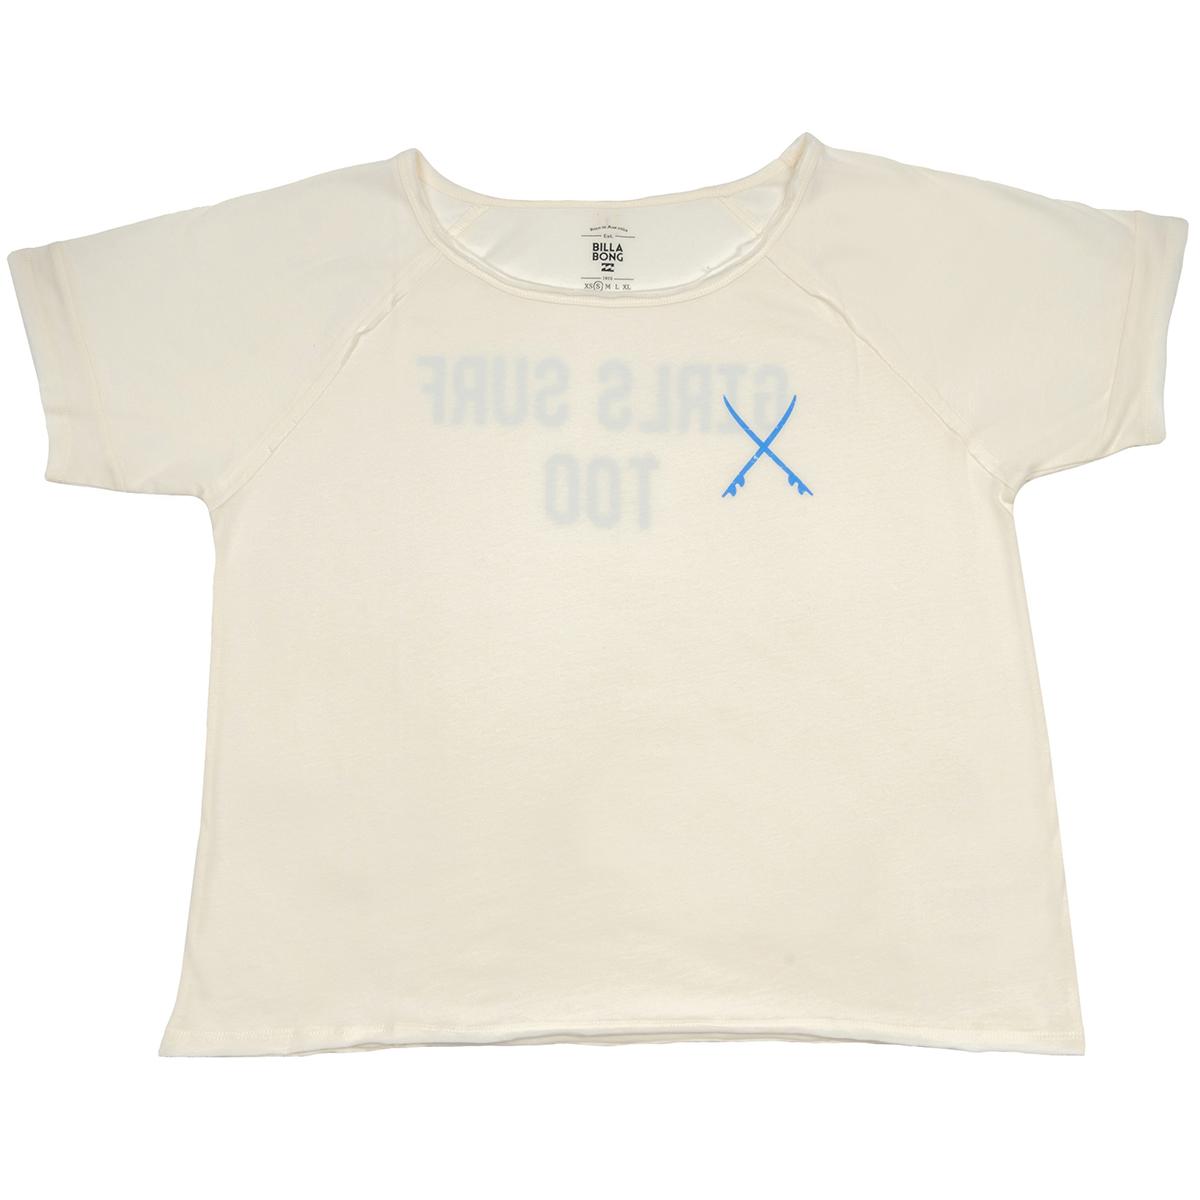 New BRIGHT SIDEФутболки и Поло<br>Эта стильная футболка от Billabong с открытым воротом отлично подойдет тем девушкам, которые не любят сидеть без дела. Она привнесет в Ваш образ активный и готовый к приключениям дух, так что будьте готовы отправиться в путь в любую секунду. Необработанные края, круглый ворот и короткий рукав, принт на груди и на спине - да она просто совершенна!<br> <br> <br> Особенности:<br><br>Женская футболка<br><br>Классический крой<br><br>Удлиненные рукава реглан<br><br>Принт на груди<br><br>Большой принт на спине<br><br>Необработанные края<br><br>Состав: 100% хлопок.<br><br>Сезон: SS17<br>Артикул: 67277<br>Цвет: COOL WIP<br>Пол: ЖЕН<br>Пол: Женское<br>Размер: XS<br>Тип вещи: ФУТБОЛКА